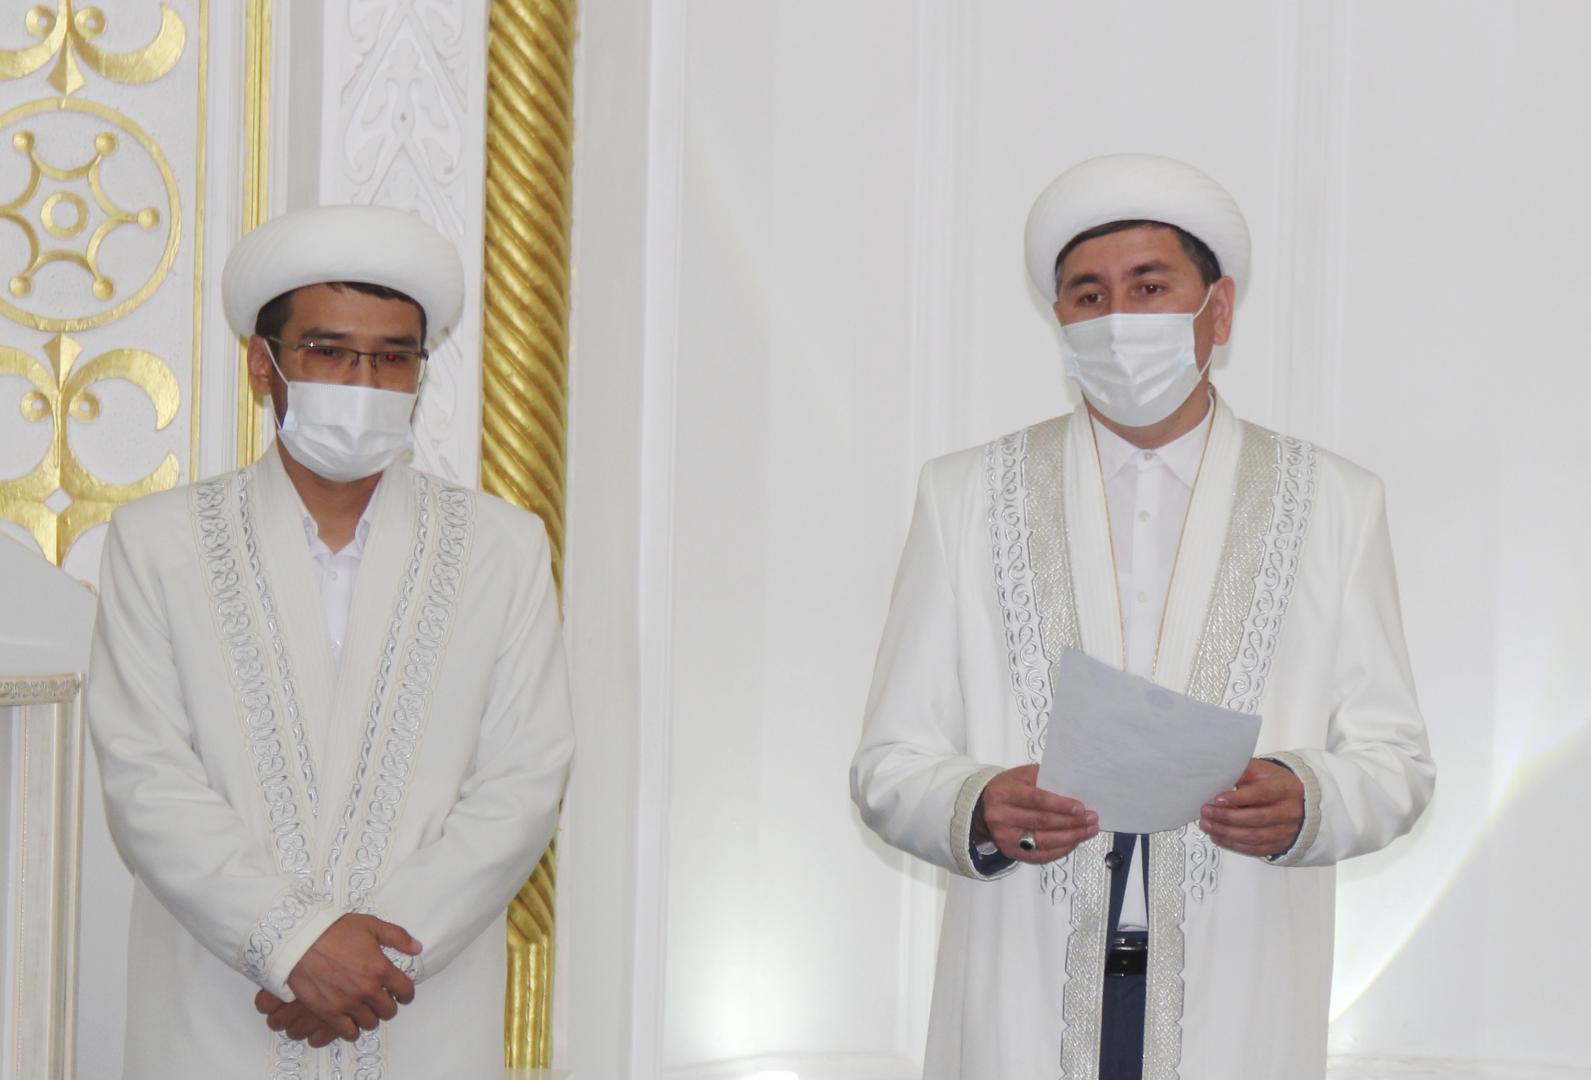 Қызылорда: Тарихи мешітке жаңа имам тағайындалды (ФОТО)